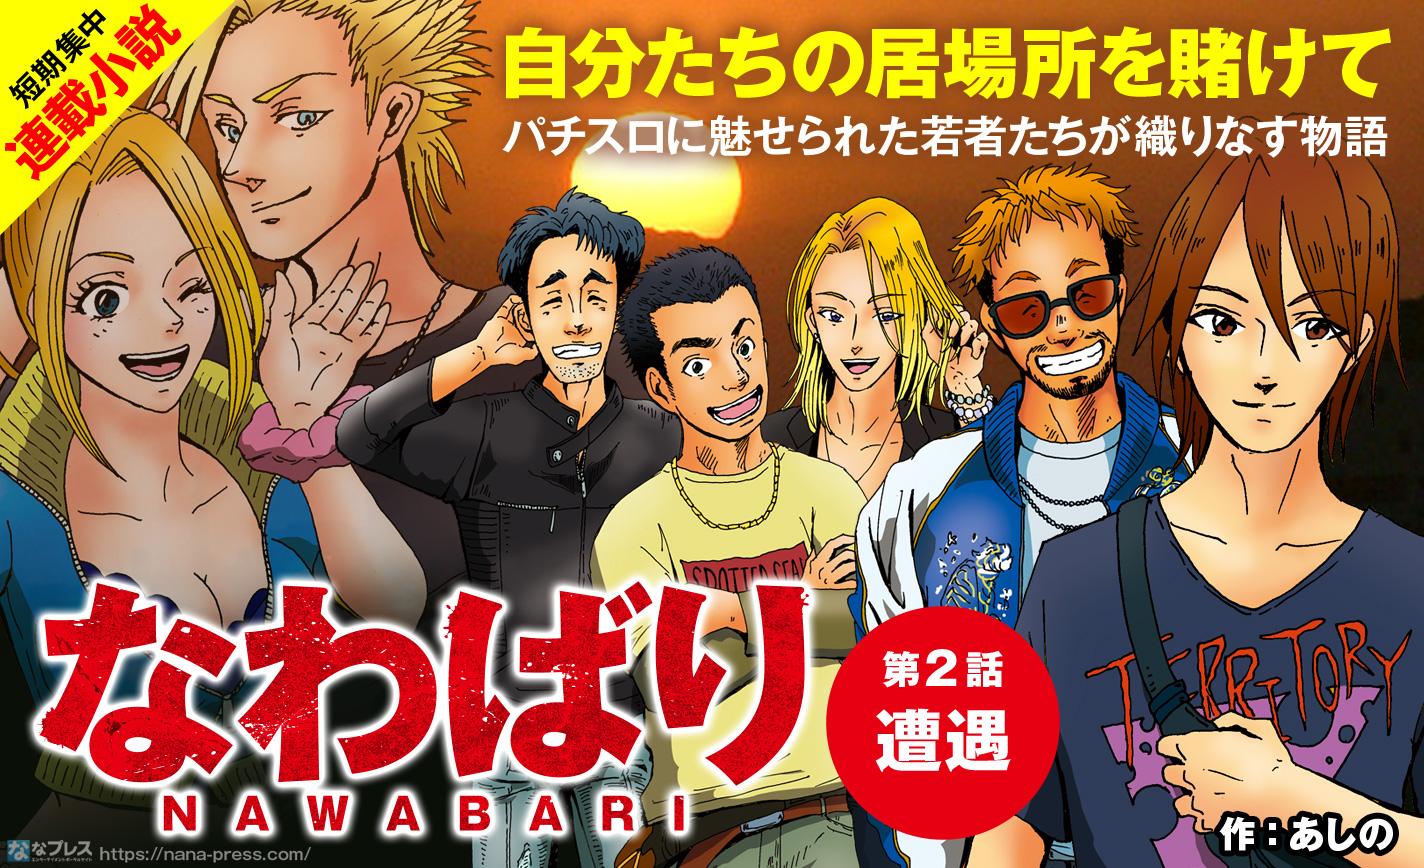 【小説】「なわばり」第2話 穴場店の激アツイベントにライバル軍団登場! eyecatch-image